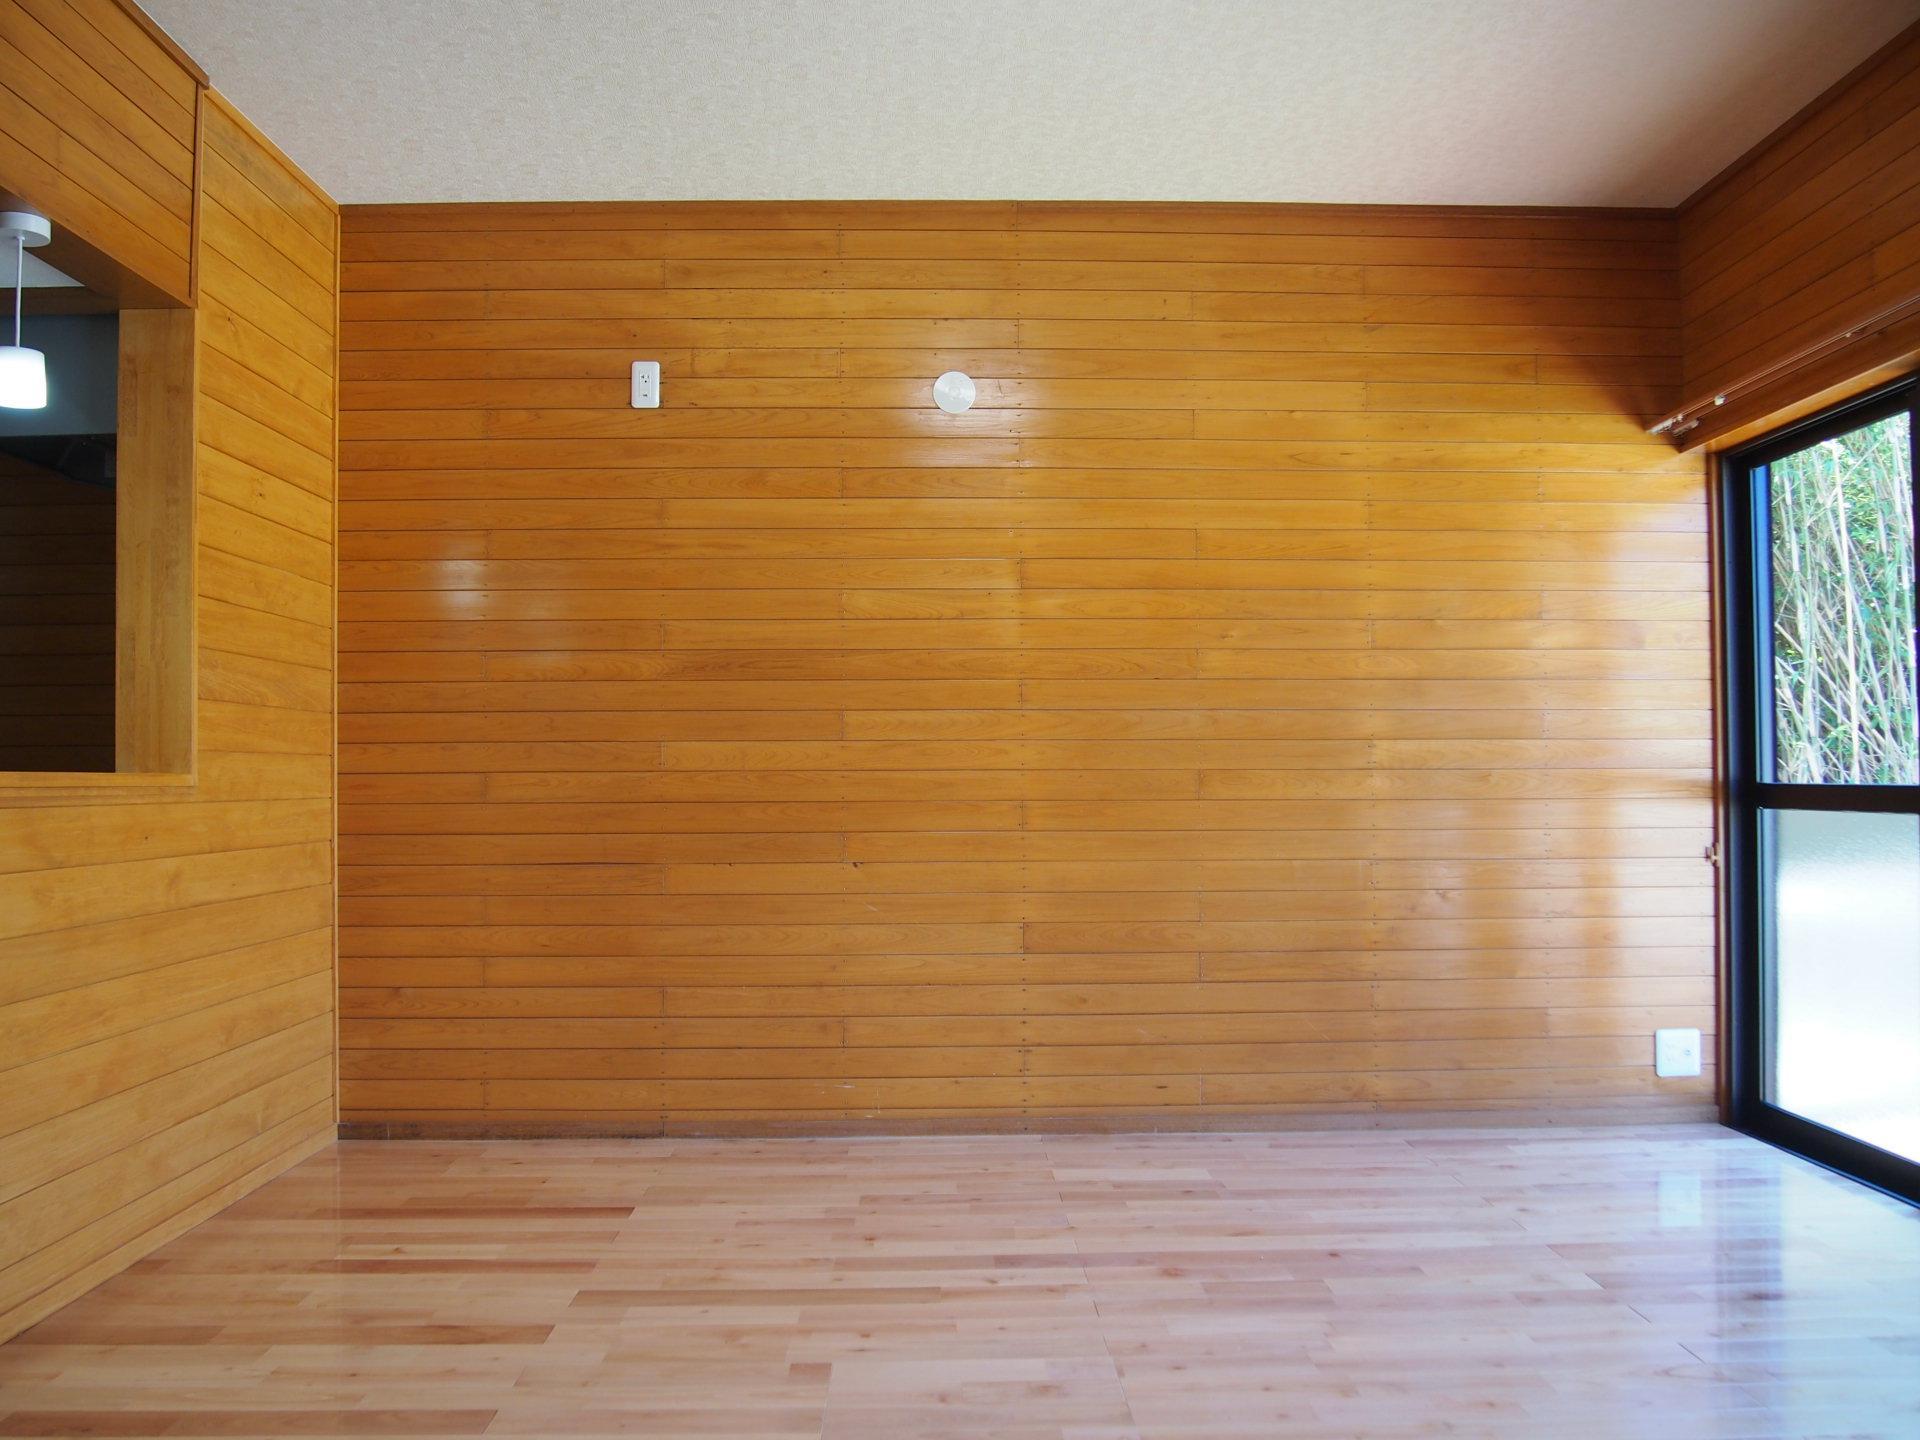 室内はリフォーム済み。意匠的にはバブル期くらいまでに建てられた別荘ぽい感じです。